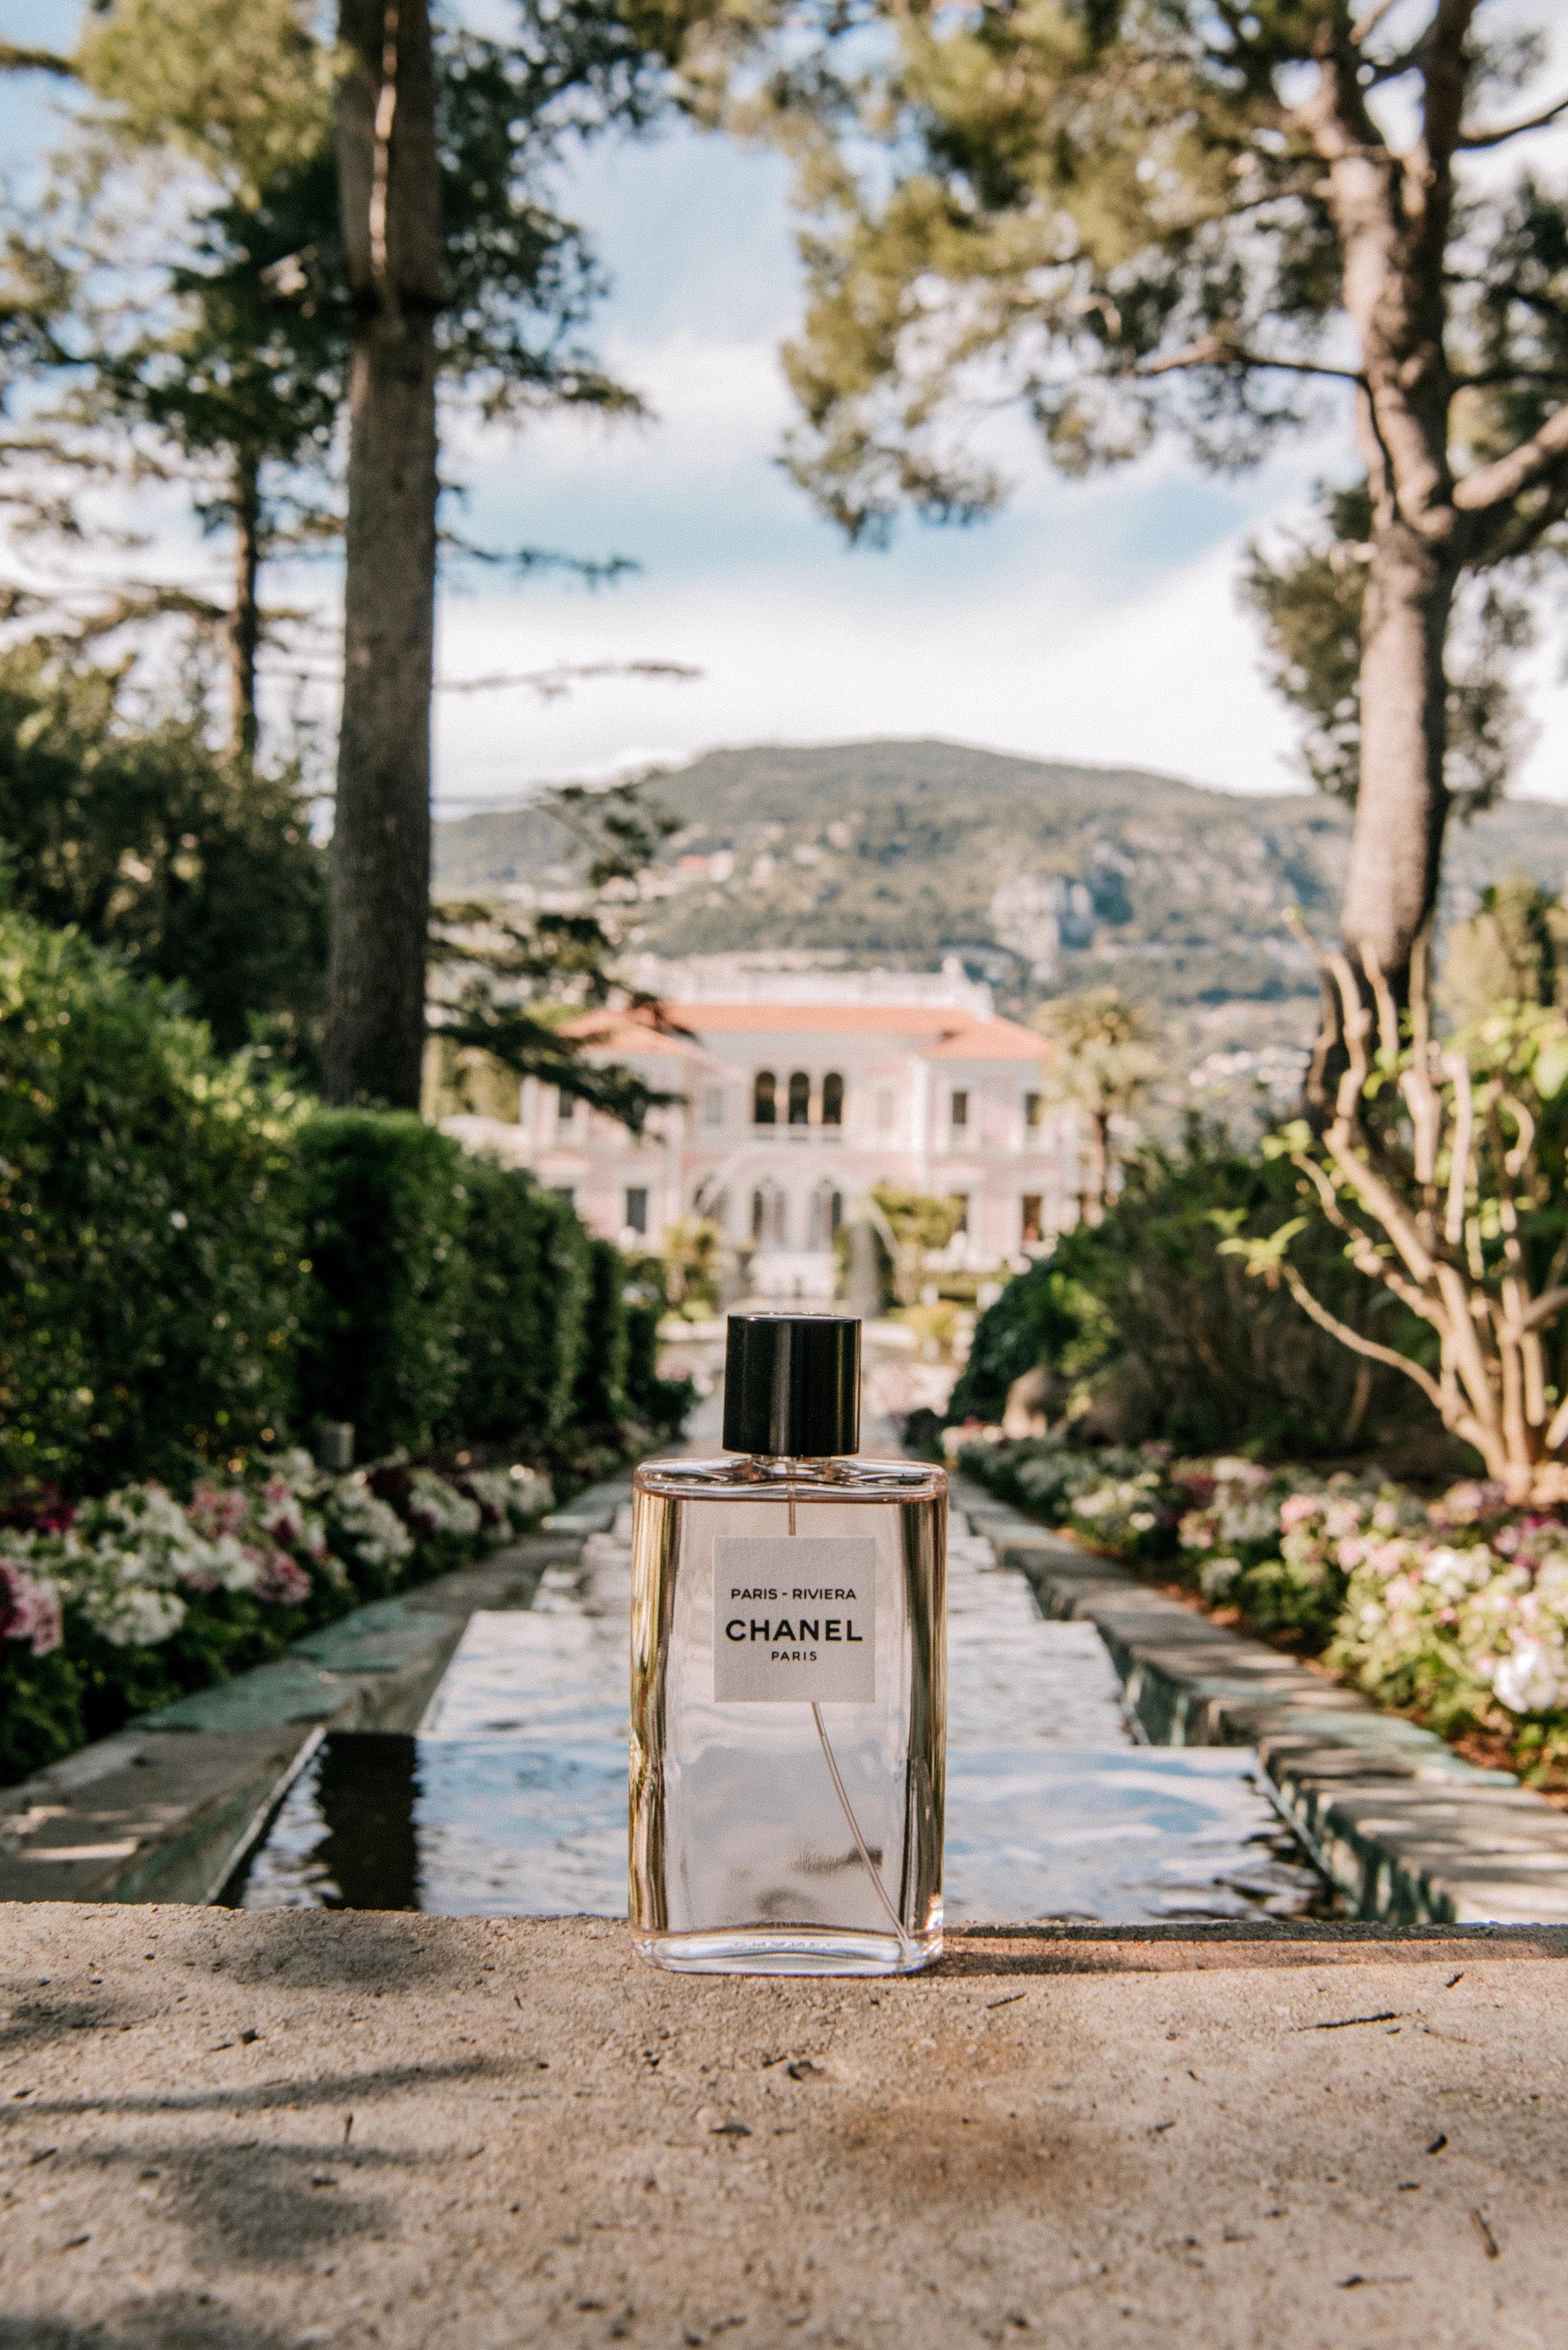 « C'est la Côte d'Azur rêvée des années 1920 qui m'a guidé vers l'élaboration de cette nouvelle fragrance. Cet éden ensoleillé où les artistes se précipitaient. L'architecture impeccable des villas de l'époque. L'atmosphère enjouée des soirs de fêtes… ». - Olivier Polge